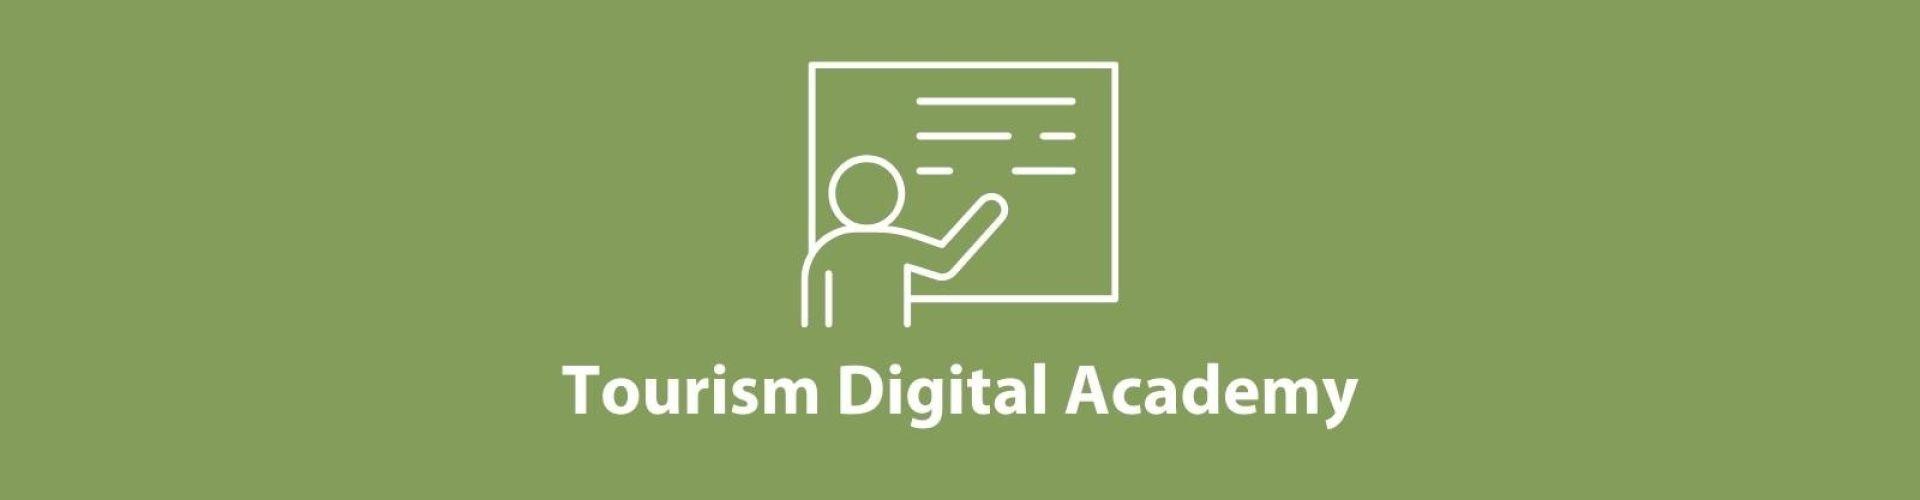 Tourism Digital Academy